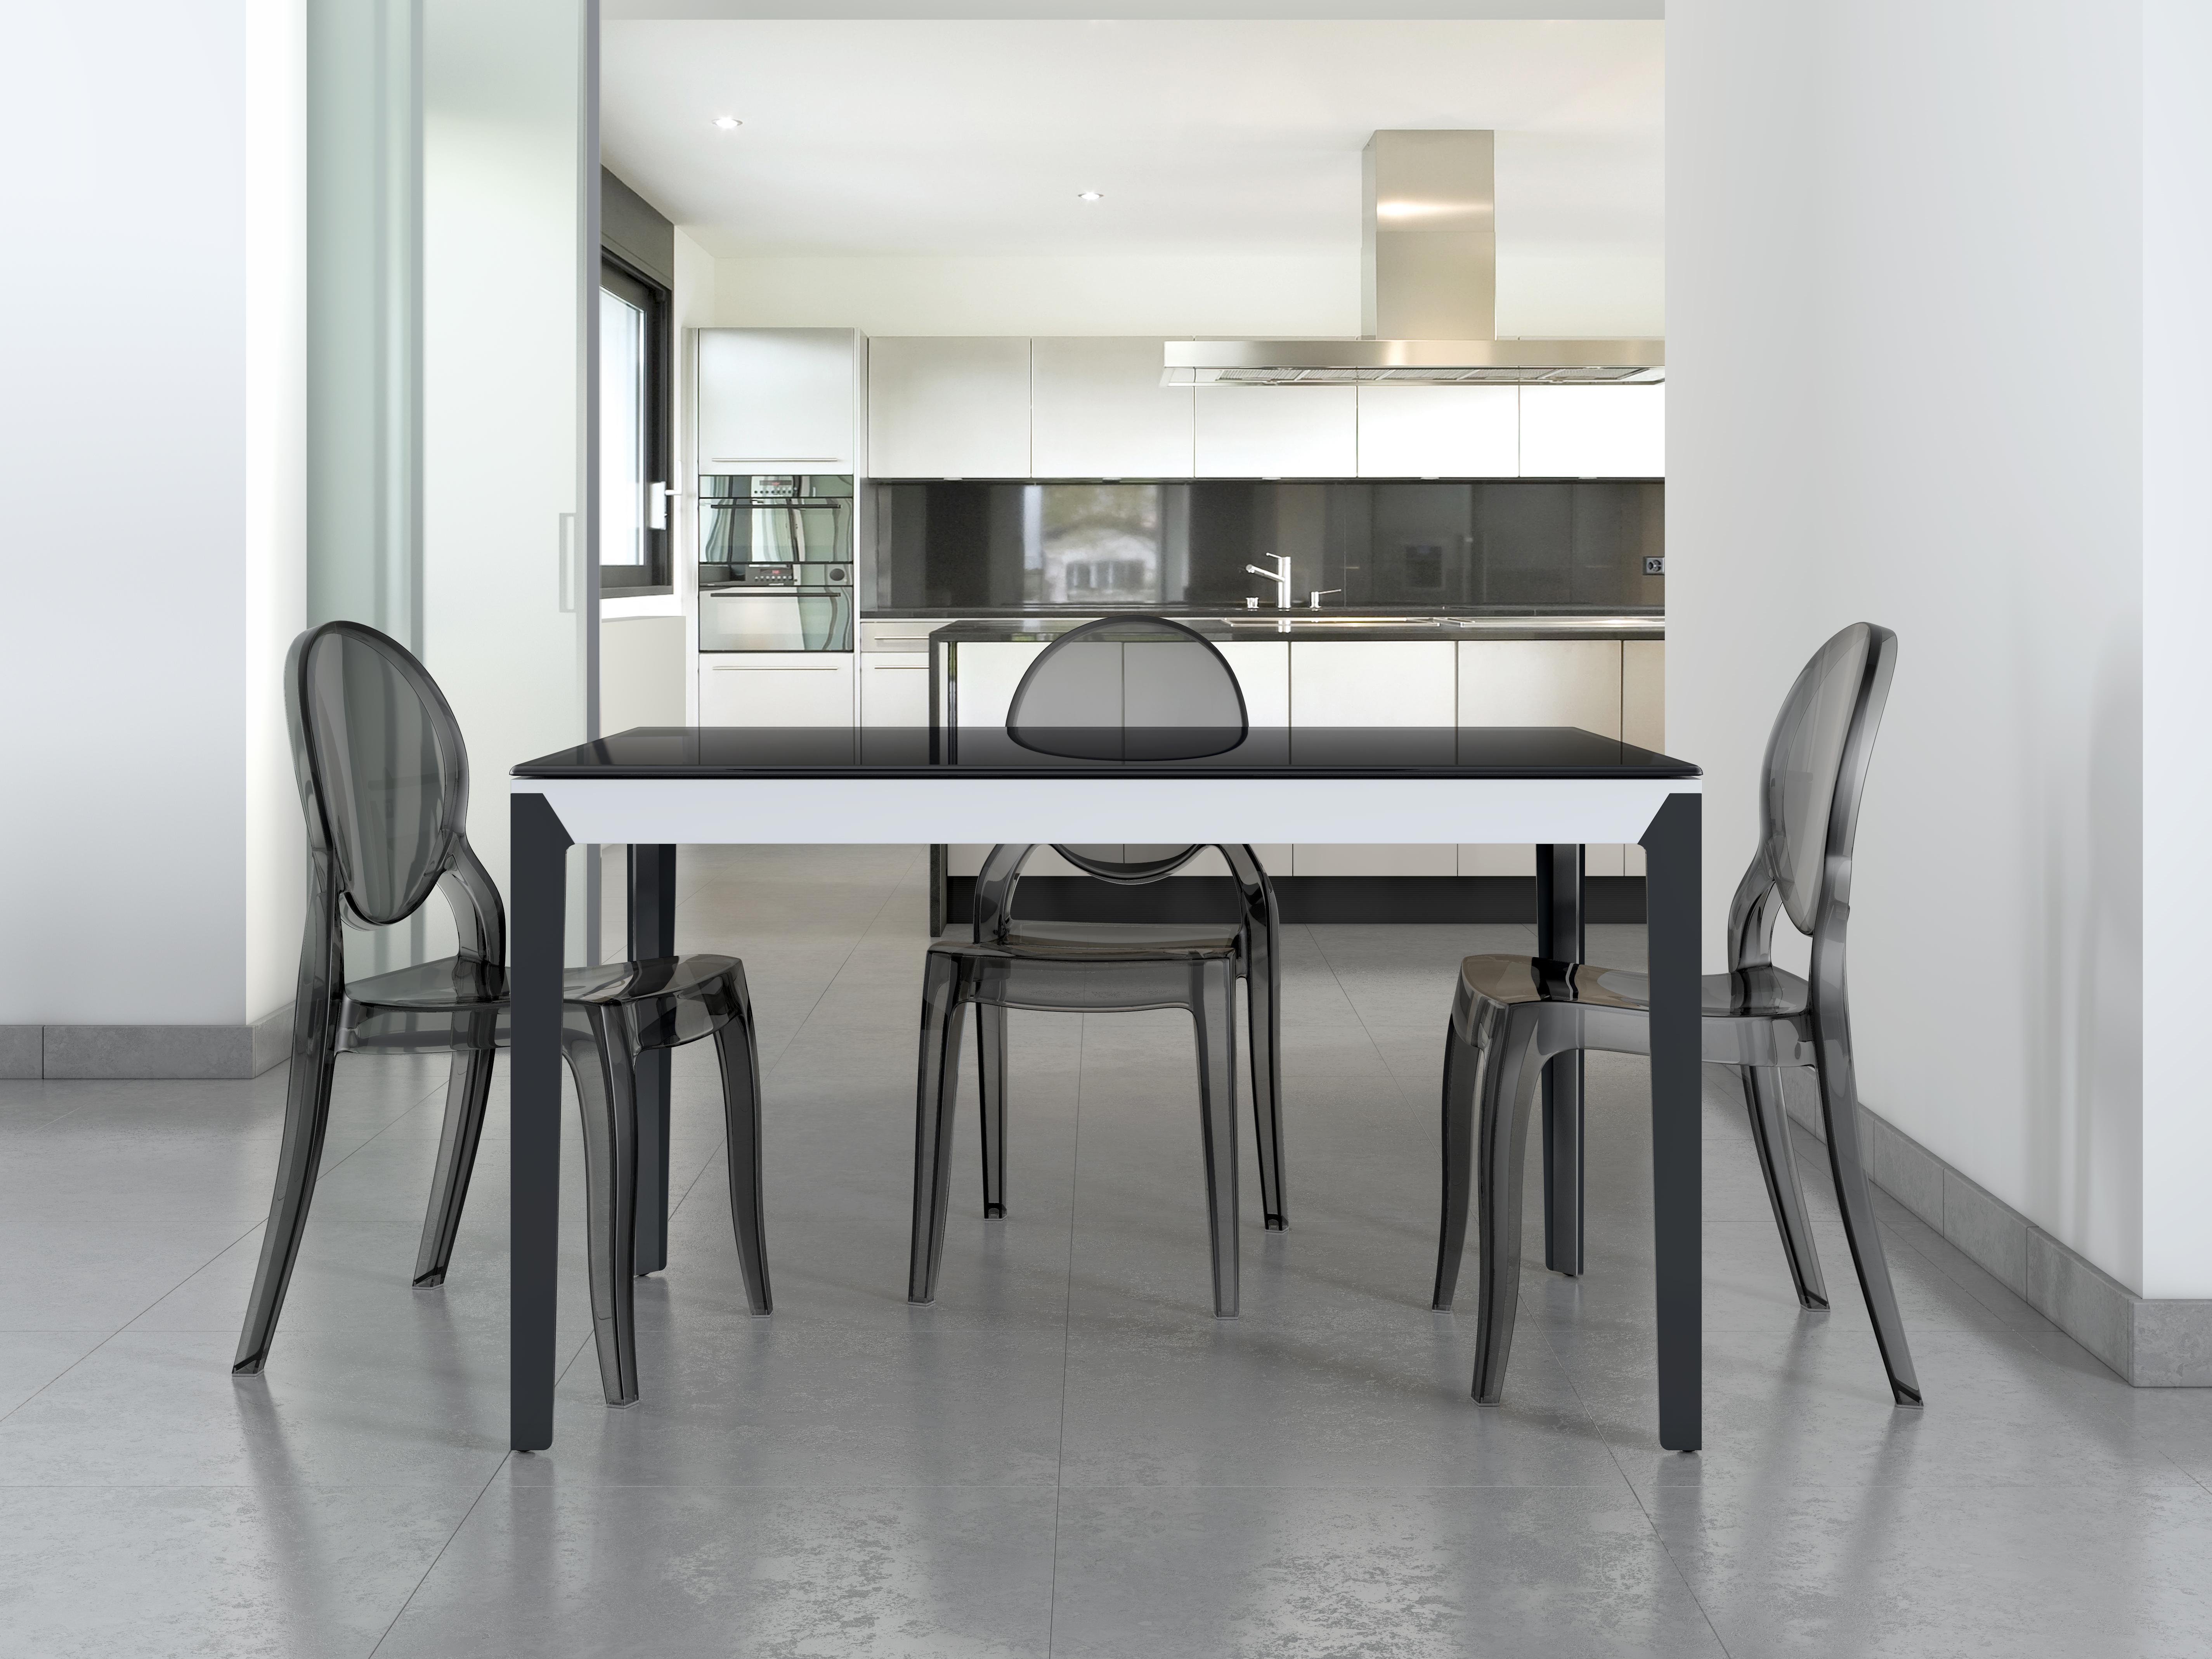 siilas-y-mesas-cocina-4